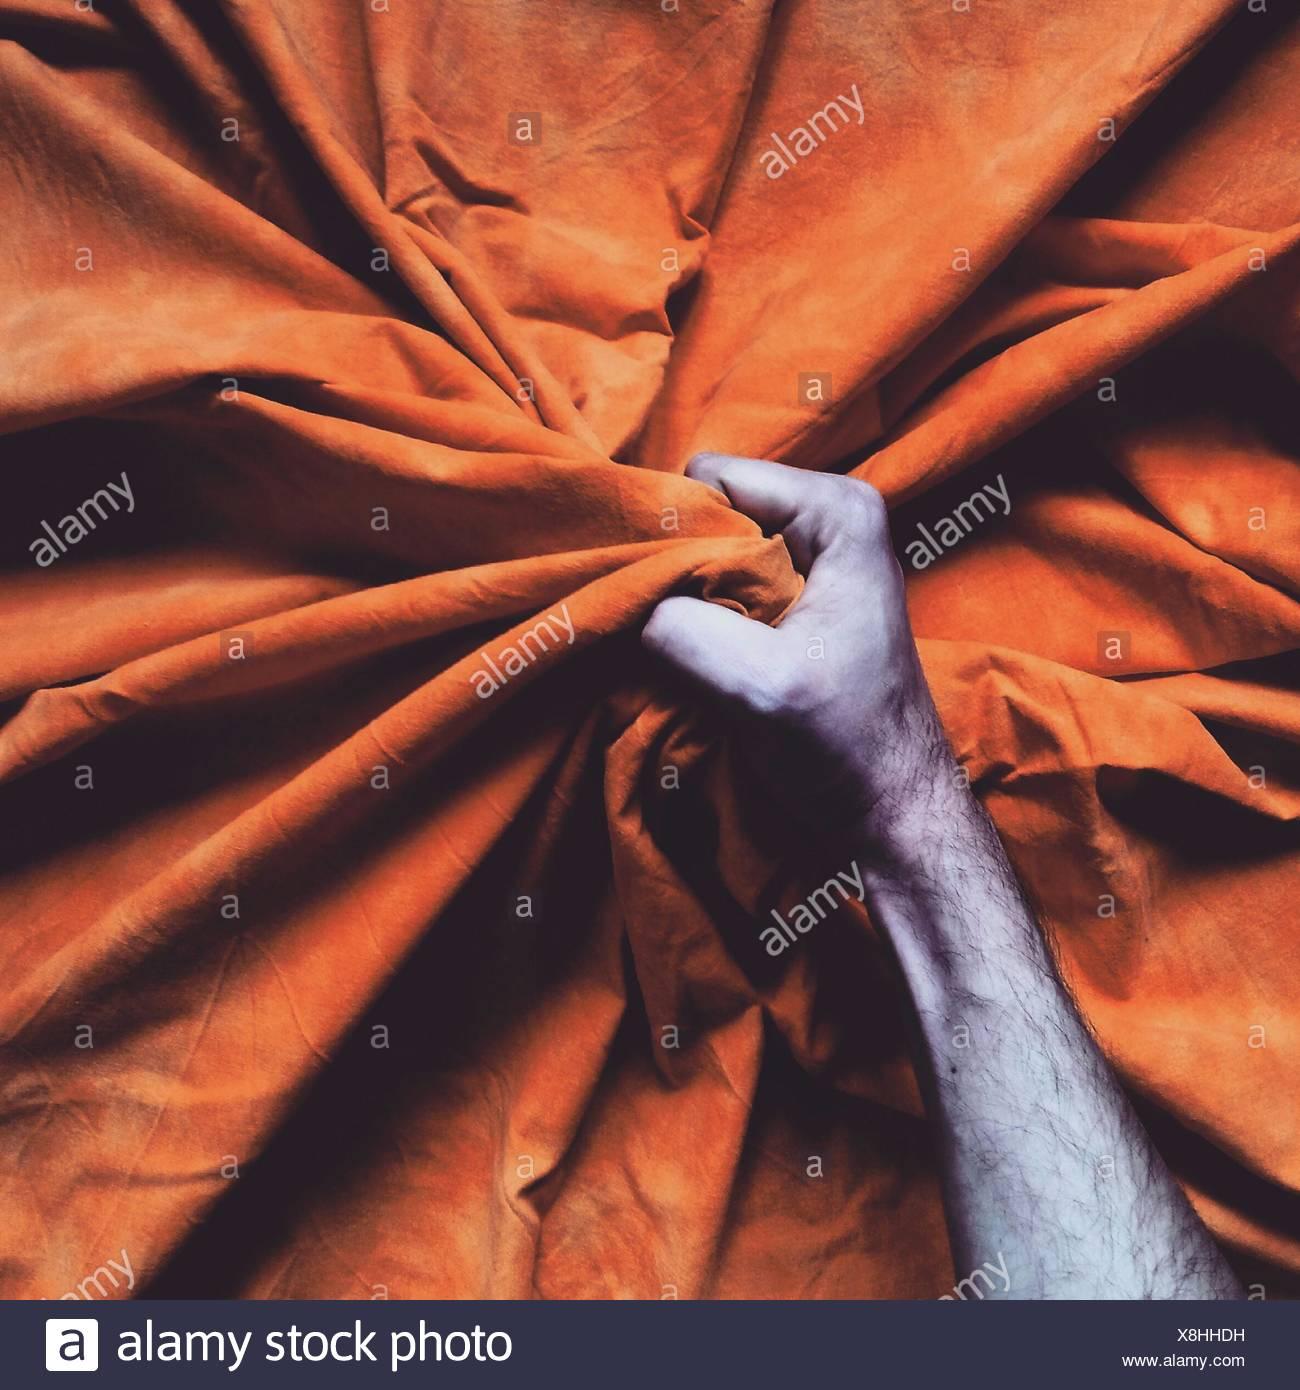 Primer plano de una Mano agarrando Bedsheet Imagen De Stock